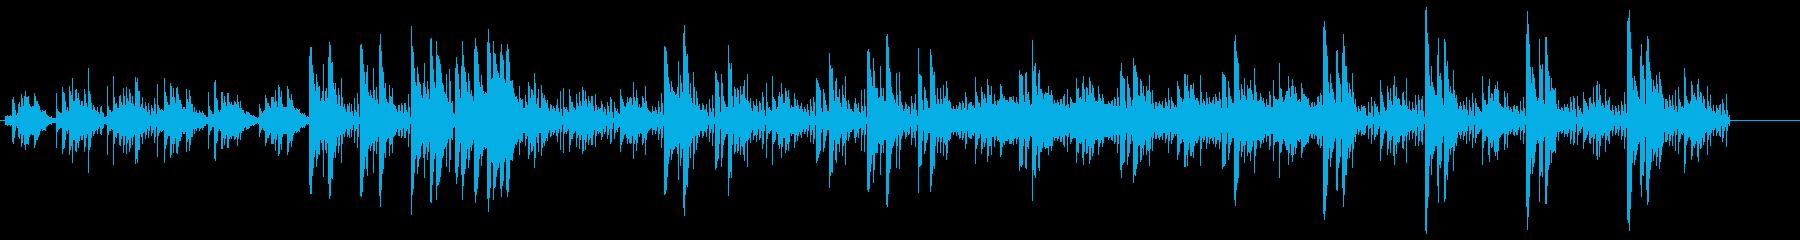 追跡、解読、調査、解読するシンセサウンドの再生済みの波形